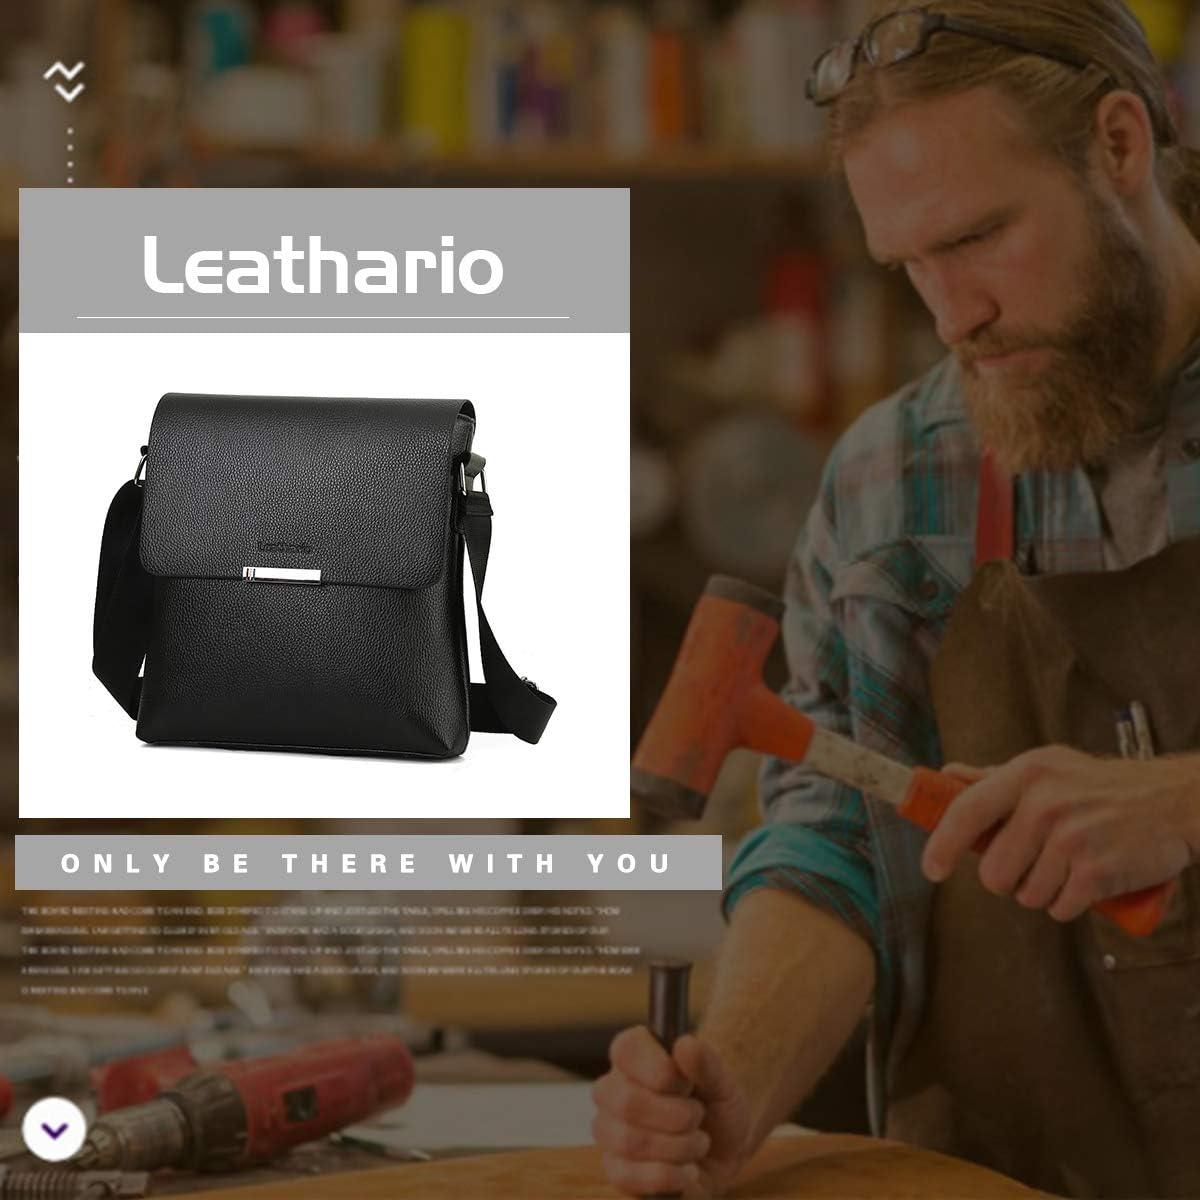 Leathario Sac Bandouli/ère R/étro Sacoche pour Homme 23.5 5 25.5 cm Noir